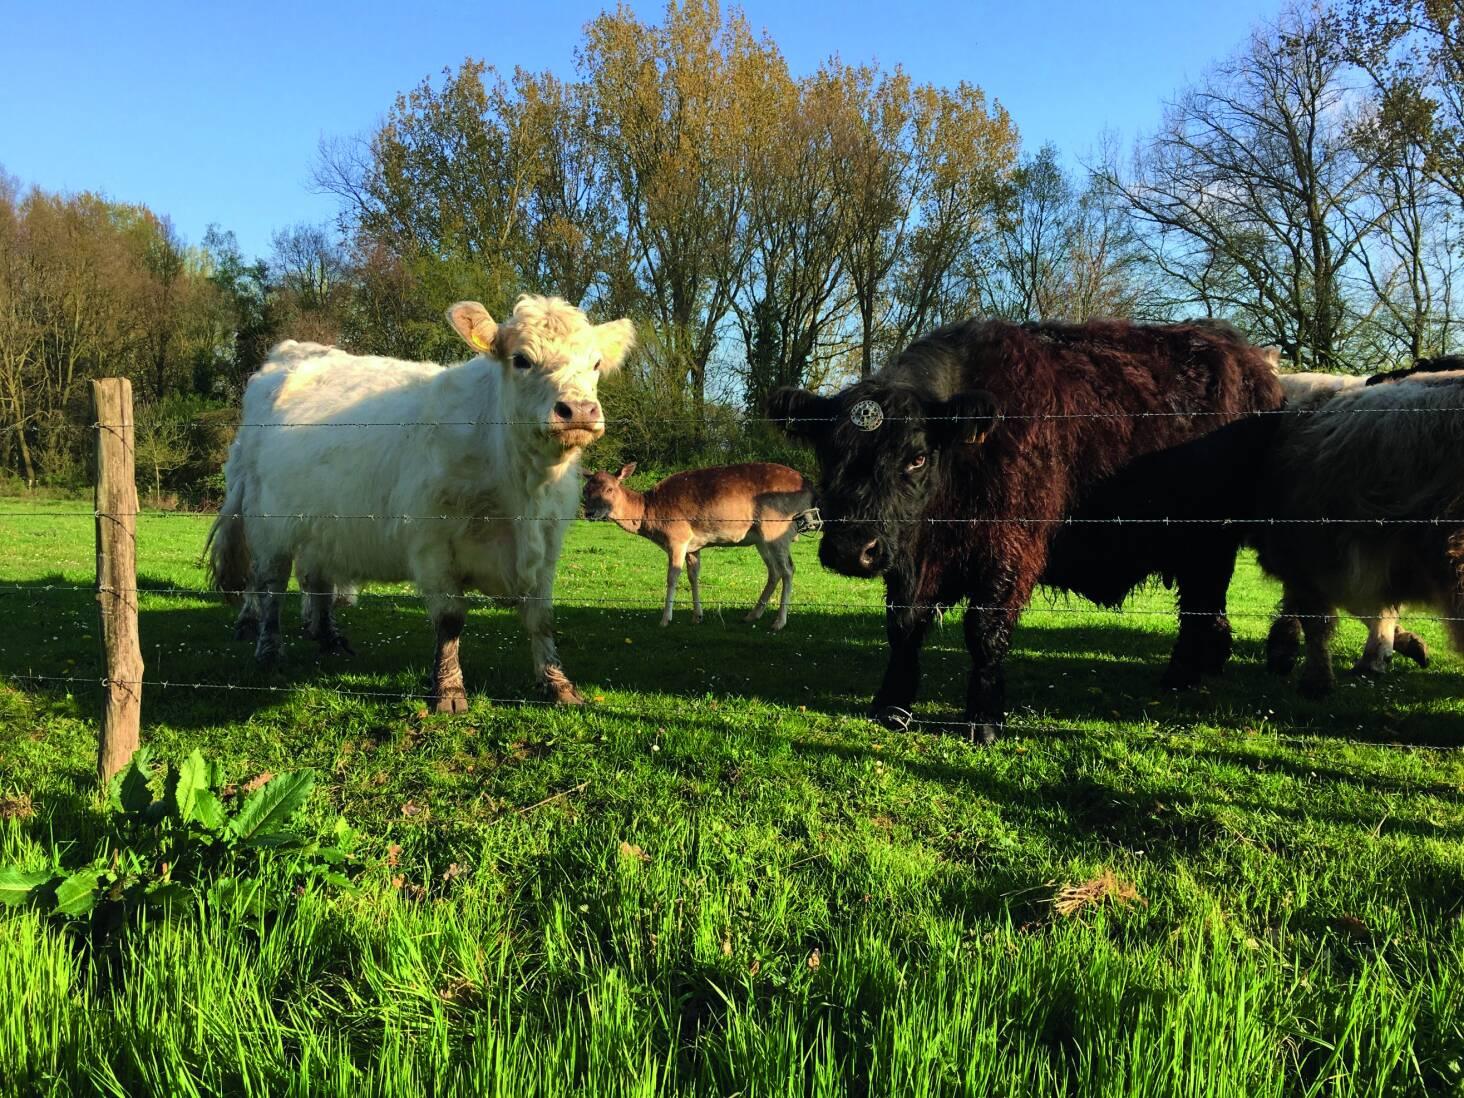 koeien-_3.jpg